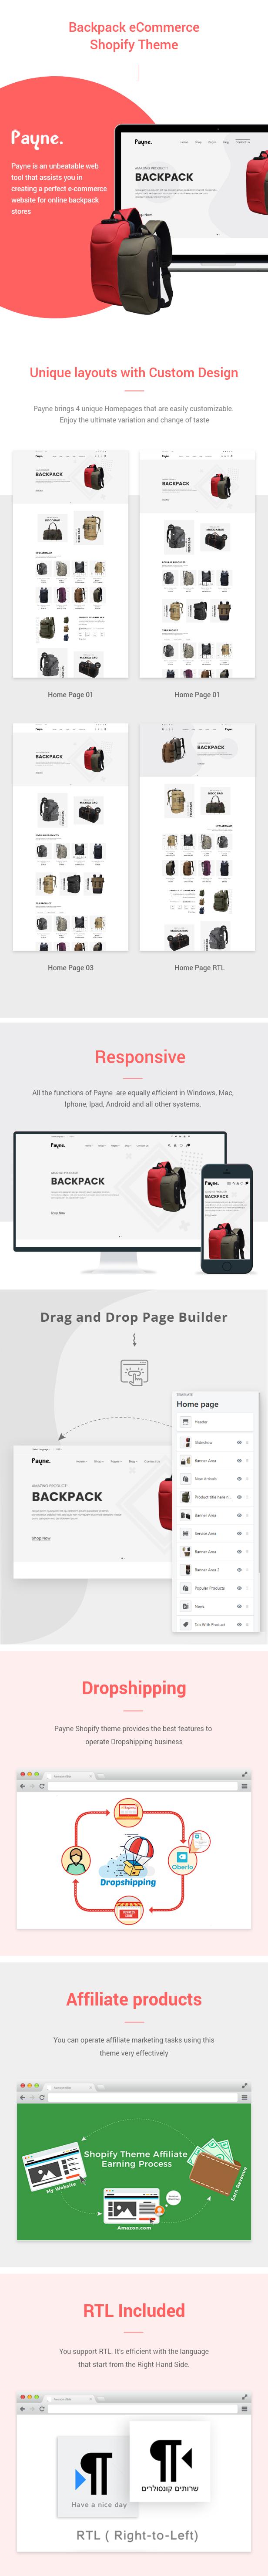 Payne - Backpack eCommerce Shopify Theme - 1